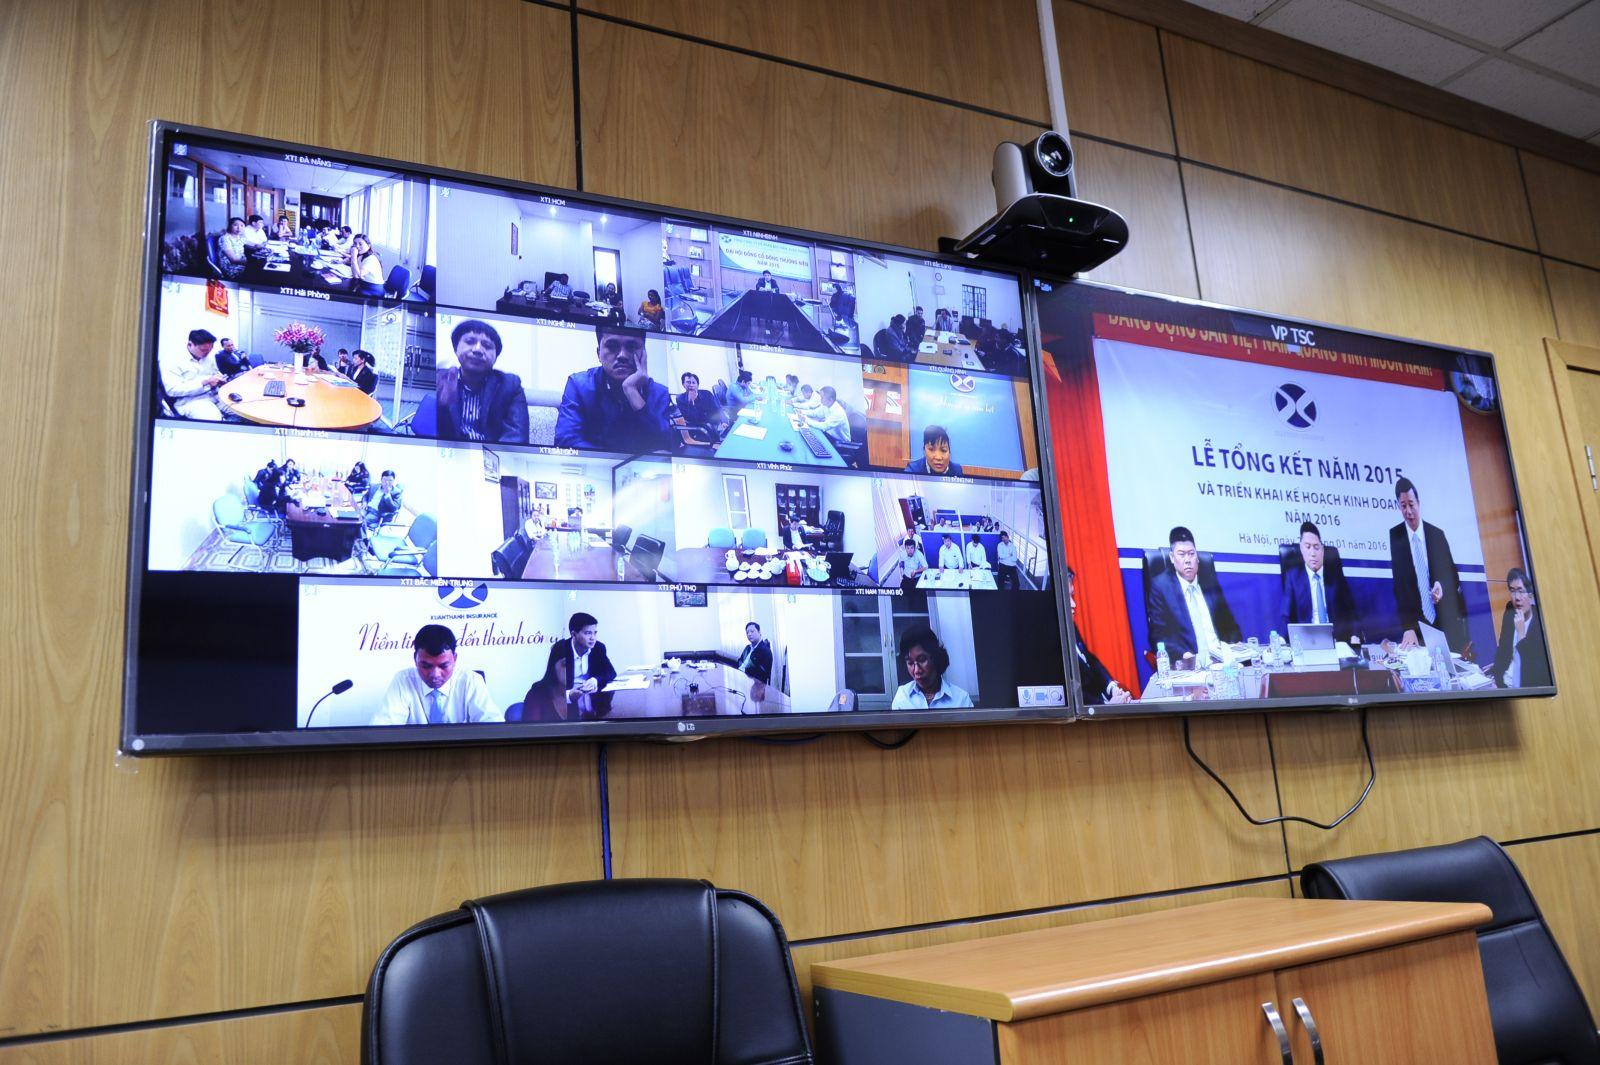 Một buổi họp trực tuyến giữa VP TSC với các điểm cầu chi nhánh.